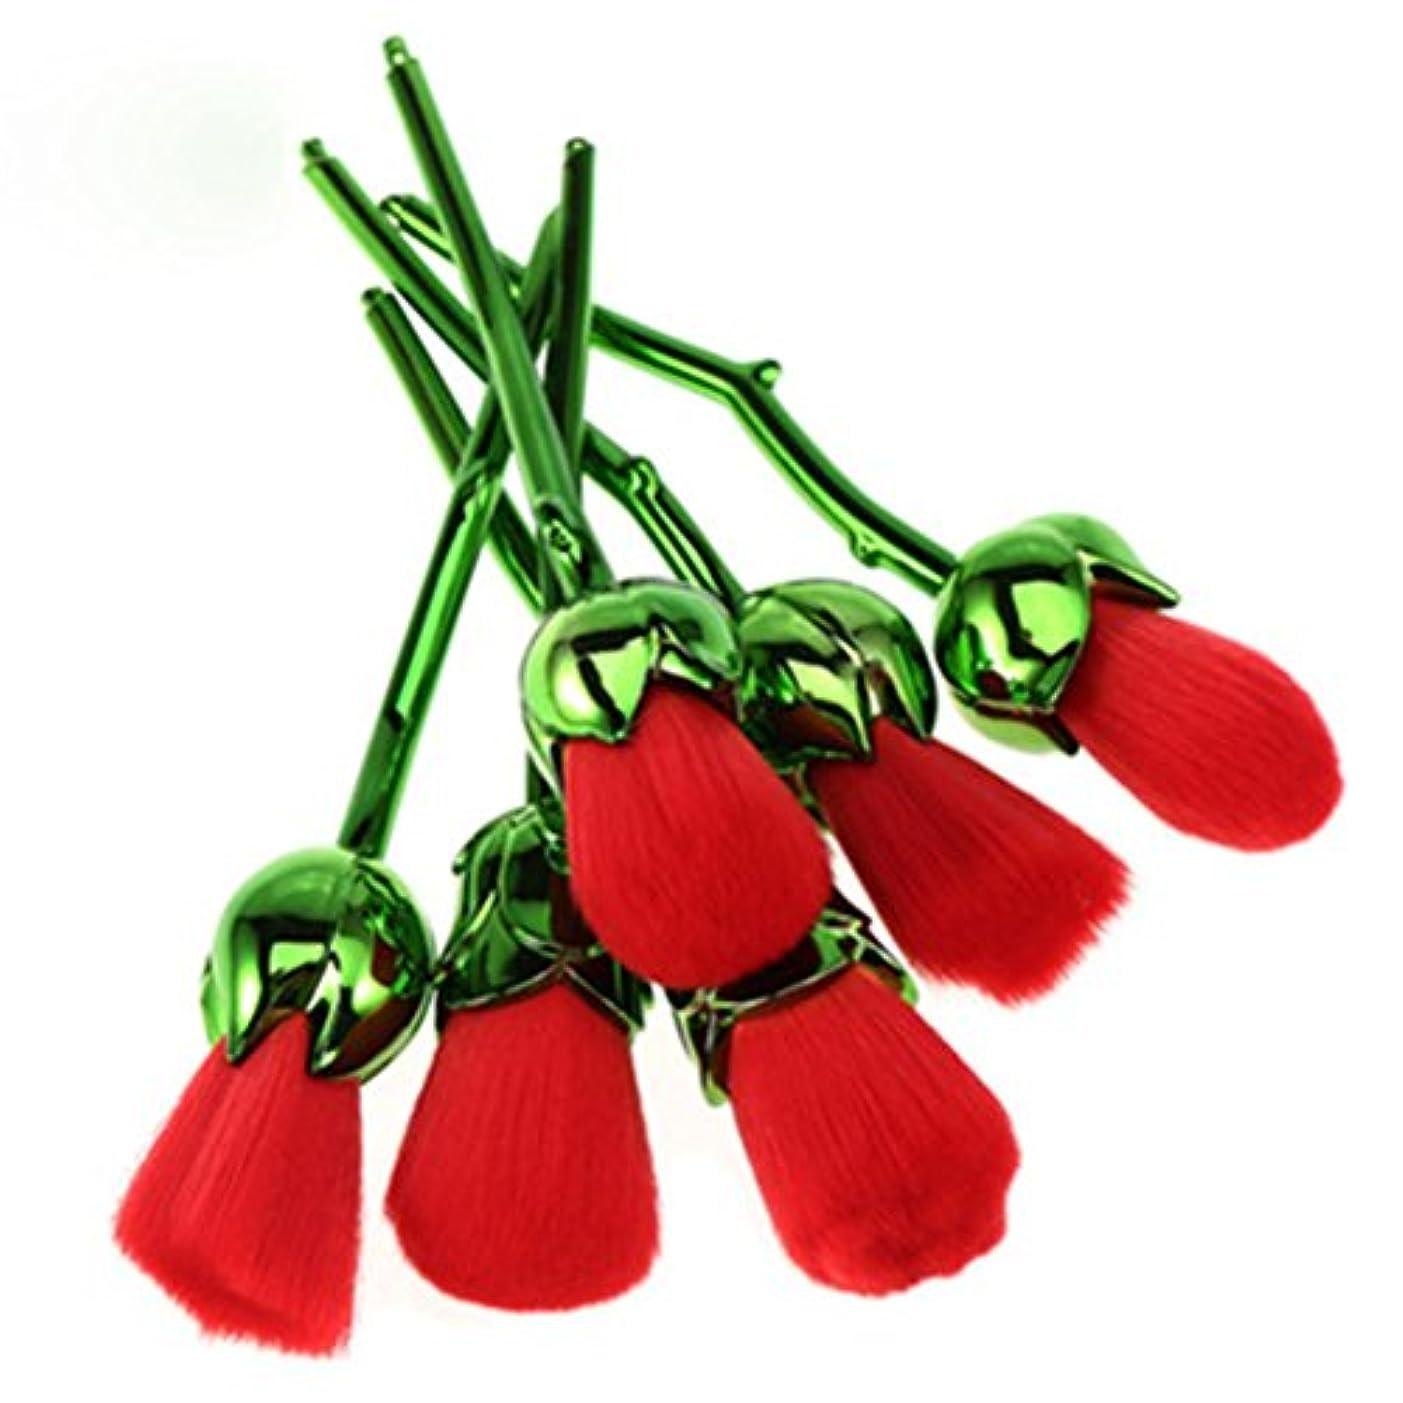 怪しい掃除低下ディラビューティー(Dilla Beauty) メイクブラシ 薔薇 メイクブラシセット 人気 ファンデーションブラシ 化粧筆 可愛い 化粧ブラシ セット パウダーブラシ フェイスブラシ ローズ メイクブラシ 6本セット ケース付き (グリーン - レッド)